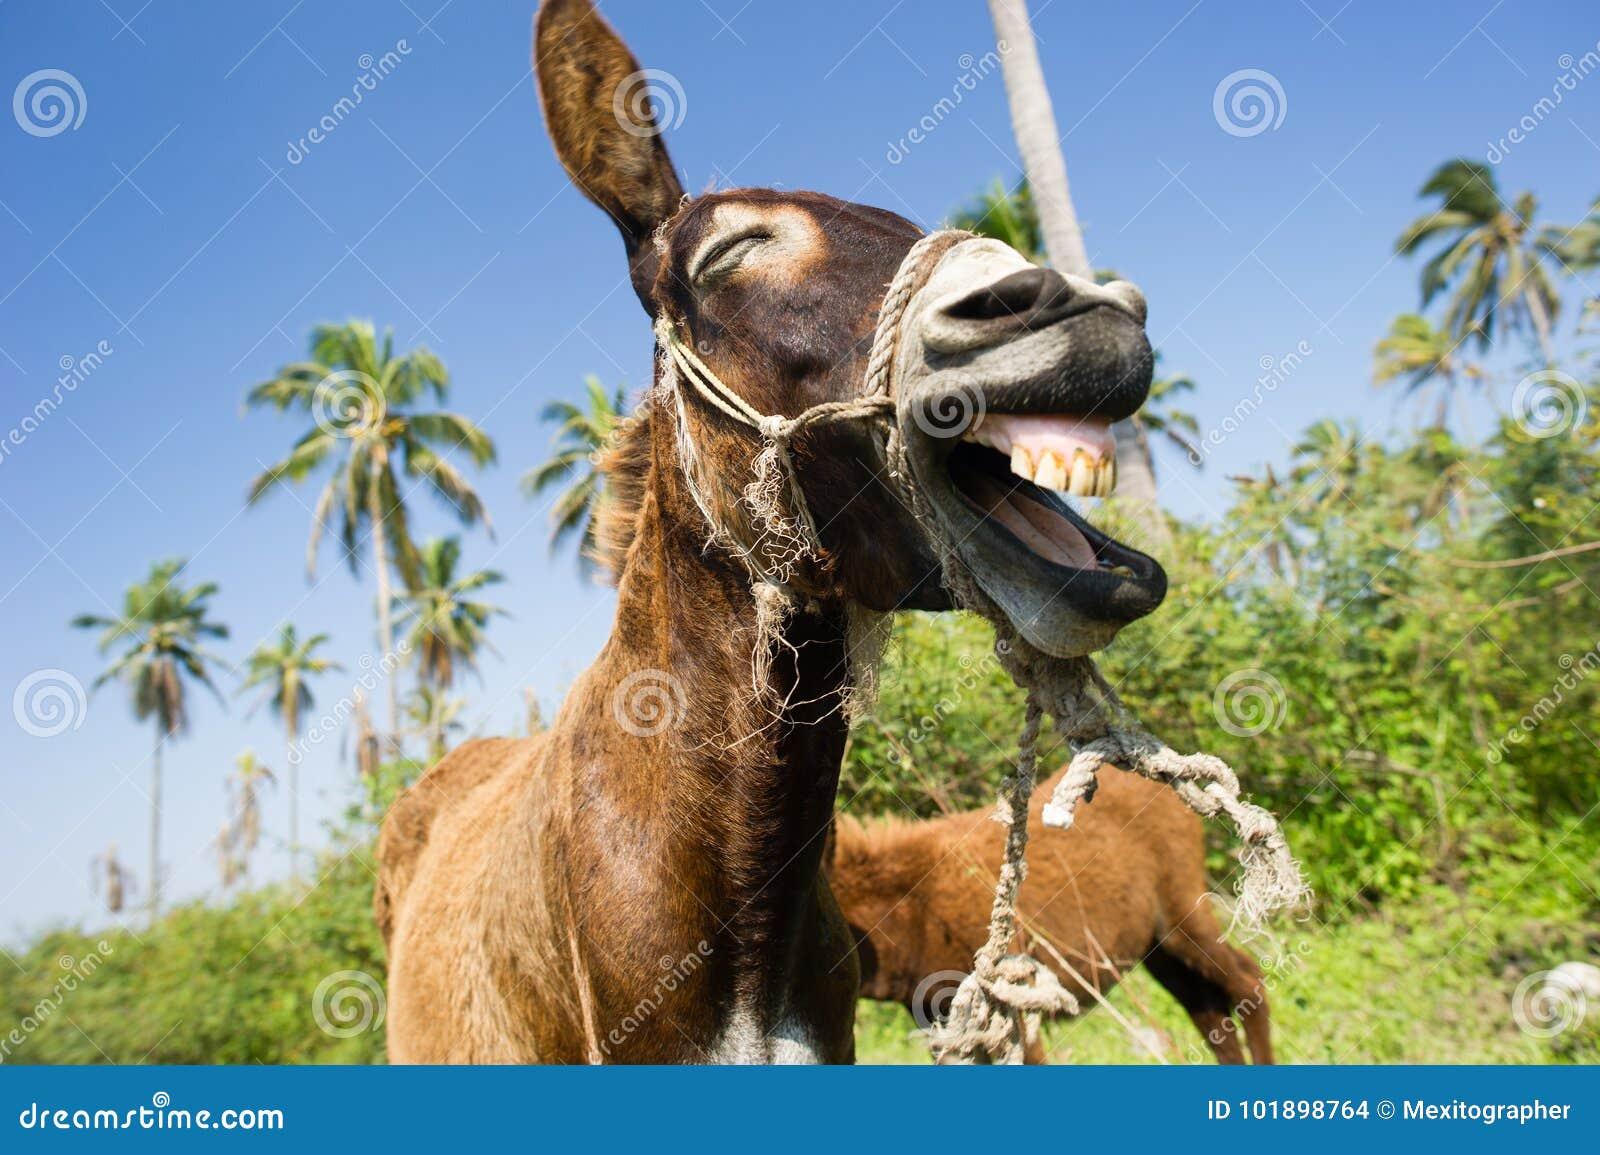 Extreem Ezels Grappige Dieren stock foto. Afbeelding bestaande uit dieren @DW96